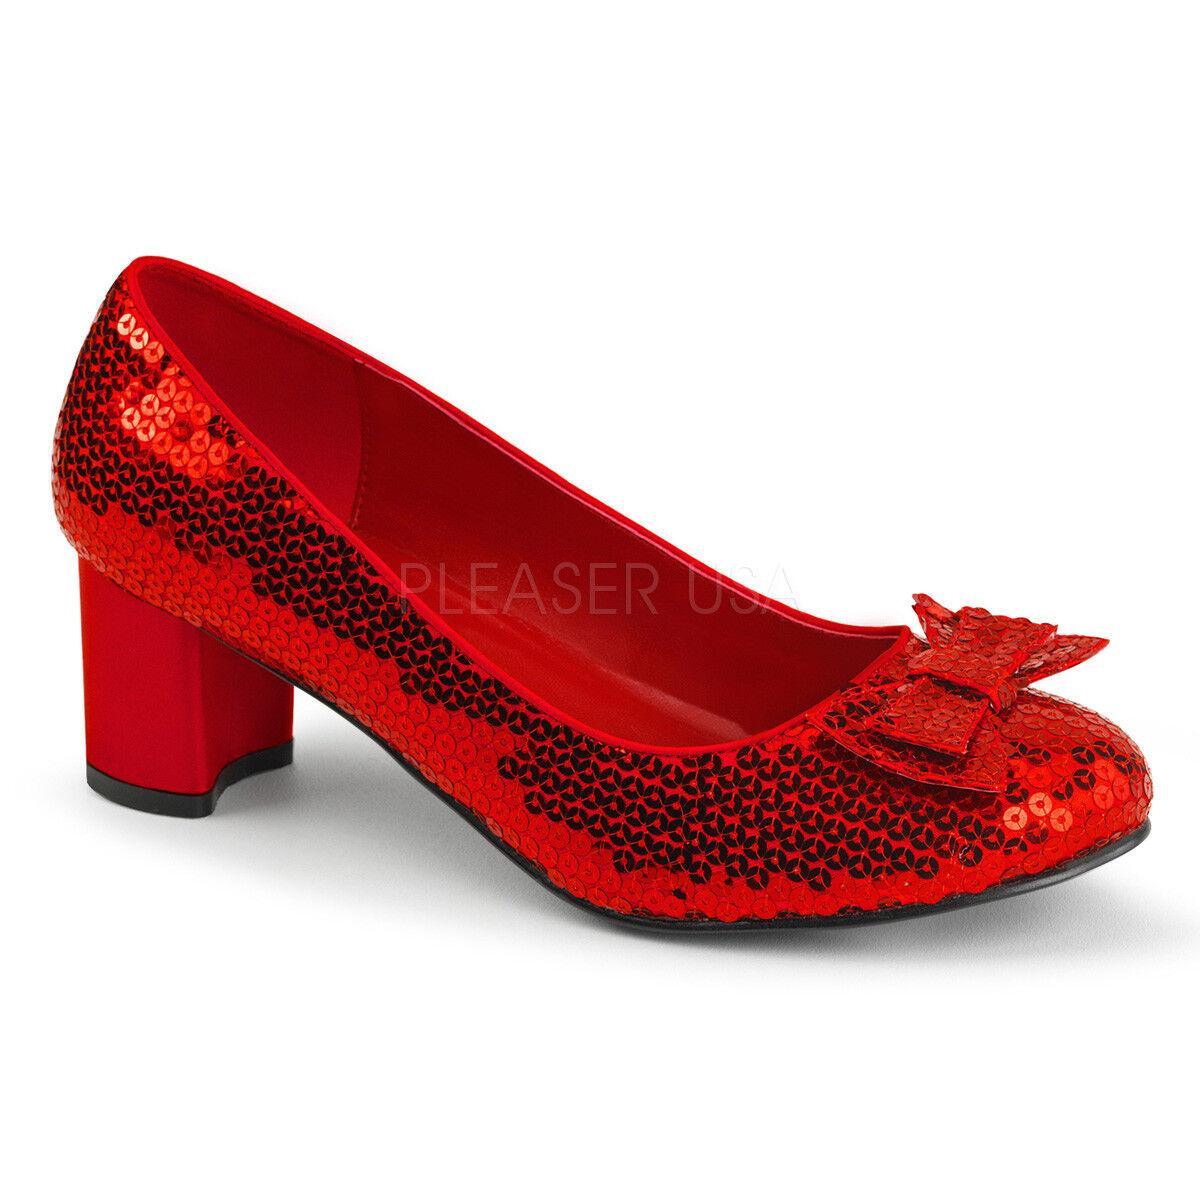 buon prezzo PLEASER Funtasma Dorothy Dorothy Dorothy - 01 Rosso Paillettes Mago di Oz Costume Scarpe da donna  servizio onesto